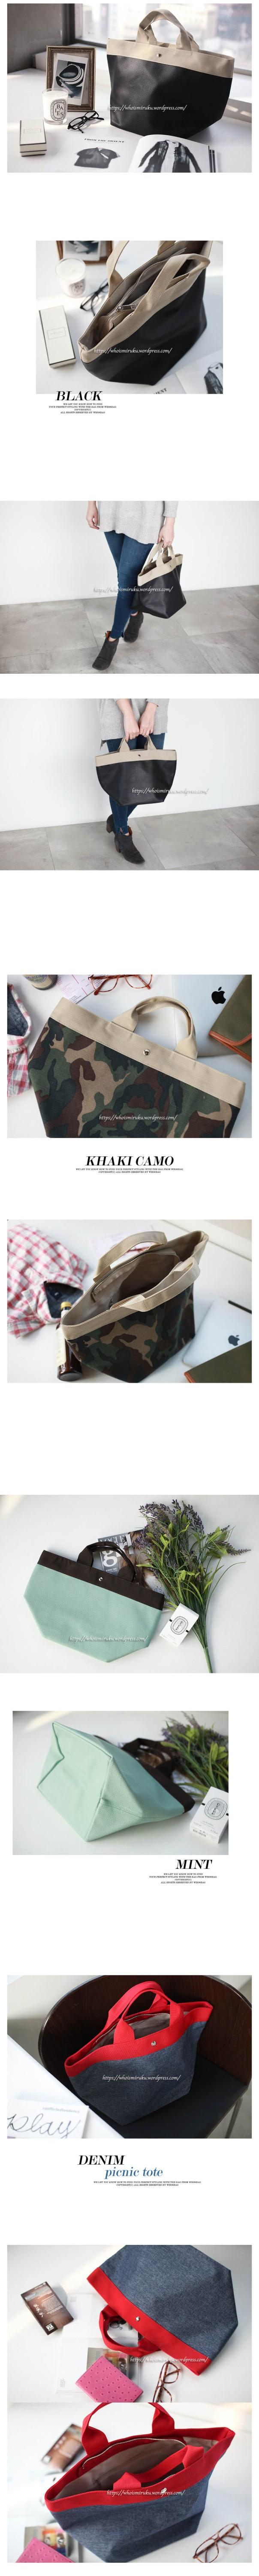 picnic_tote